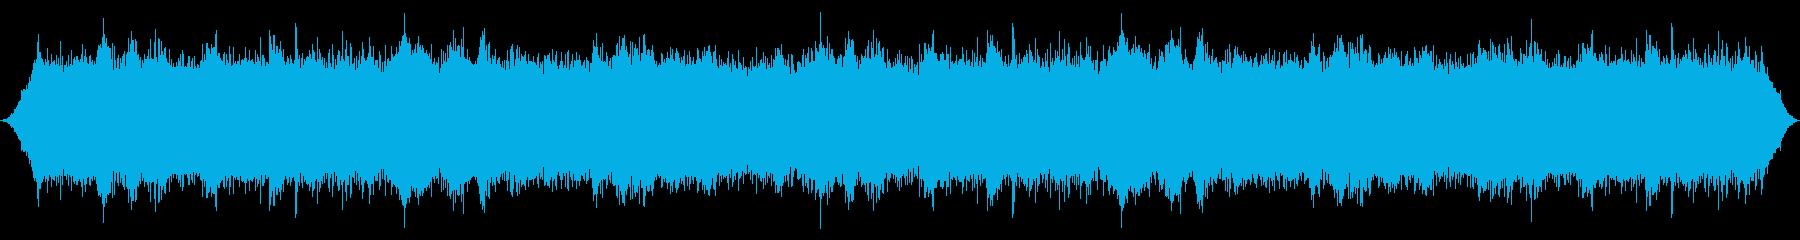 レイクウィンド:レイクバーストから...の再生済みの波形